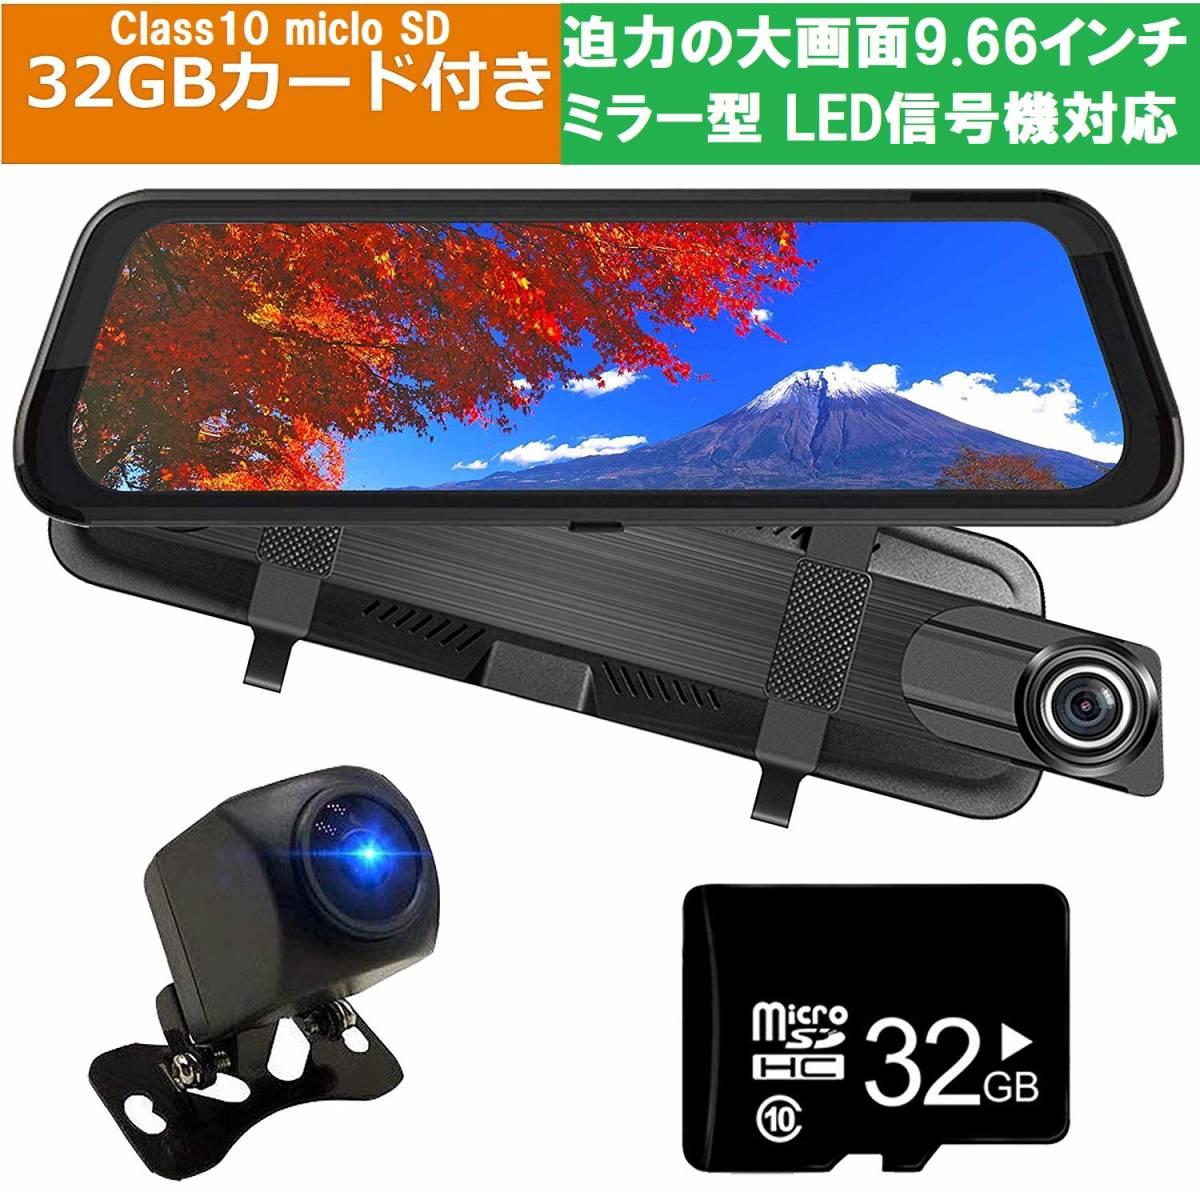 送料無料 32GB SDカード付 ドライブレコーダー G1013 タッチパネル9.66インチ ミラー型 前後カメラ LED信号機対応フルHD 日本製説明書 新品